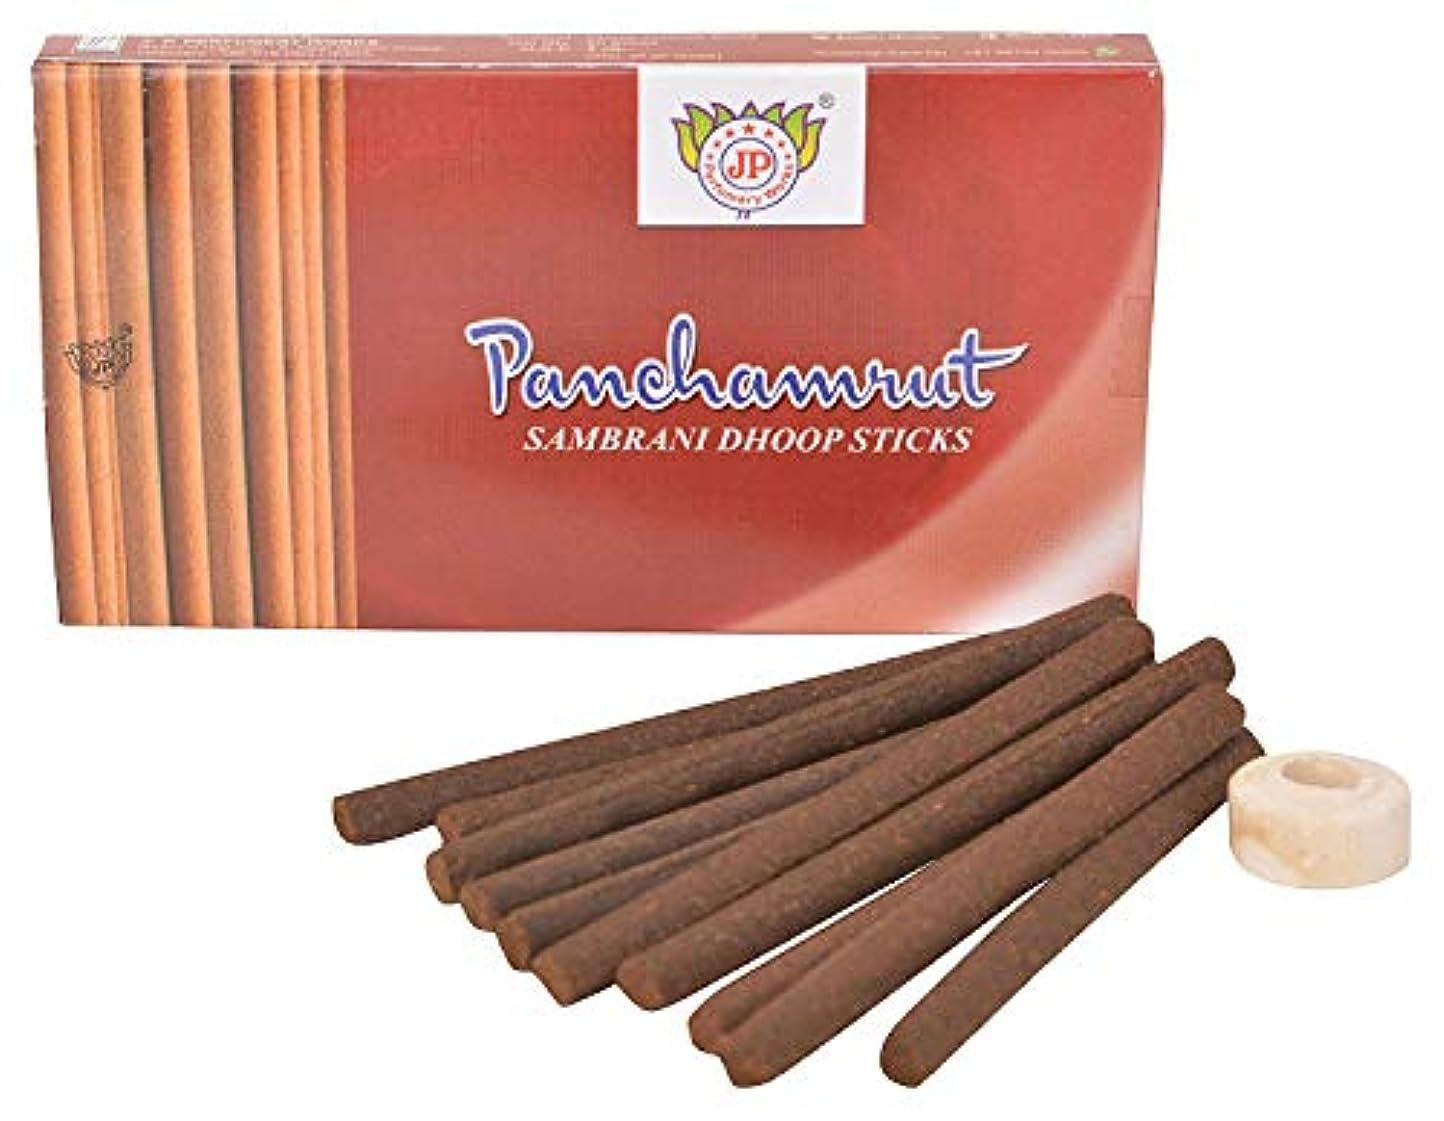 事故ハロウィン名目上のJ.P.Perfumery Works Panchamrut Sambrani Dhoop Sticks - Pack 12